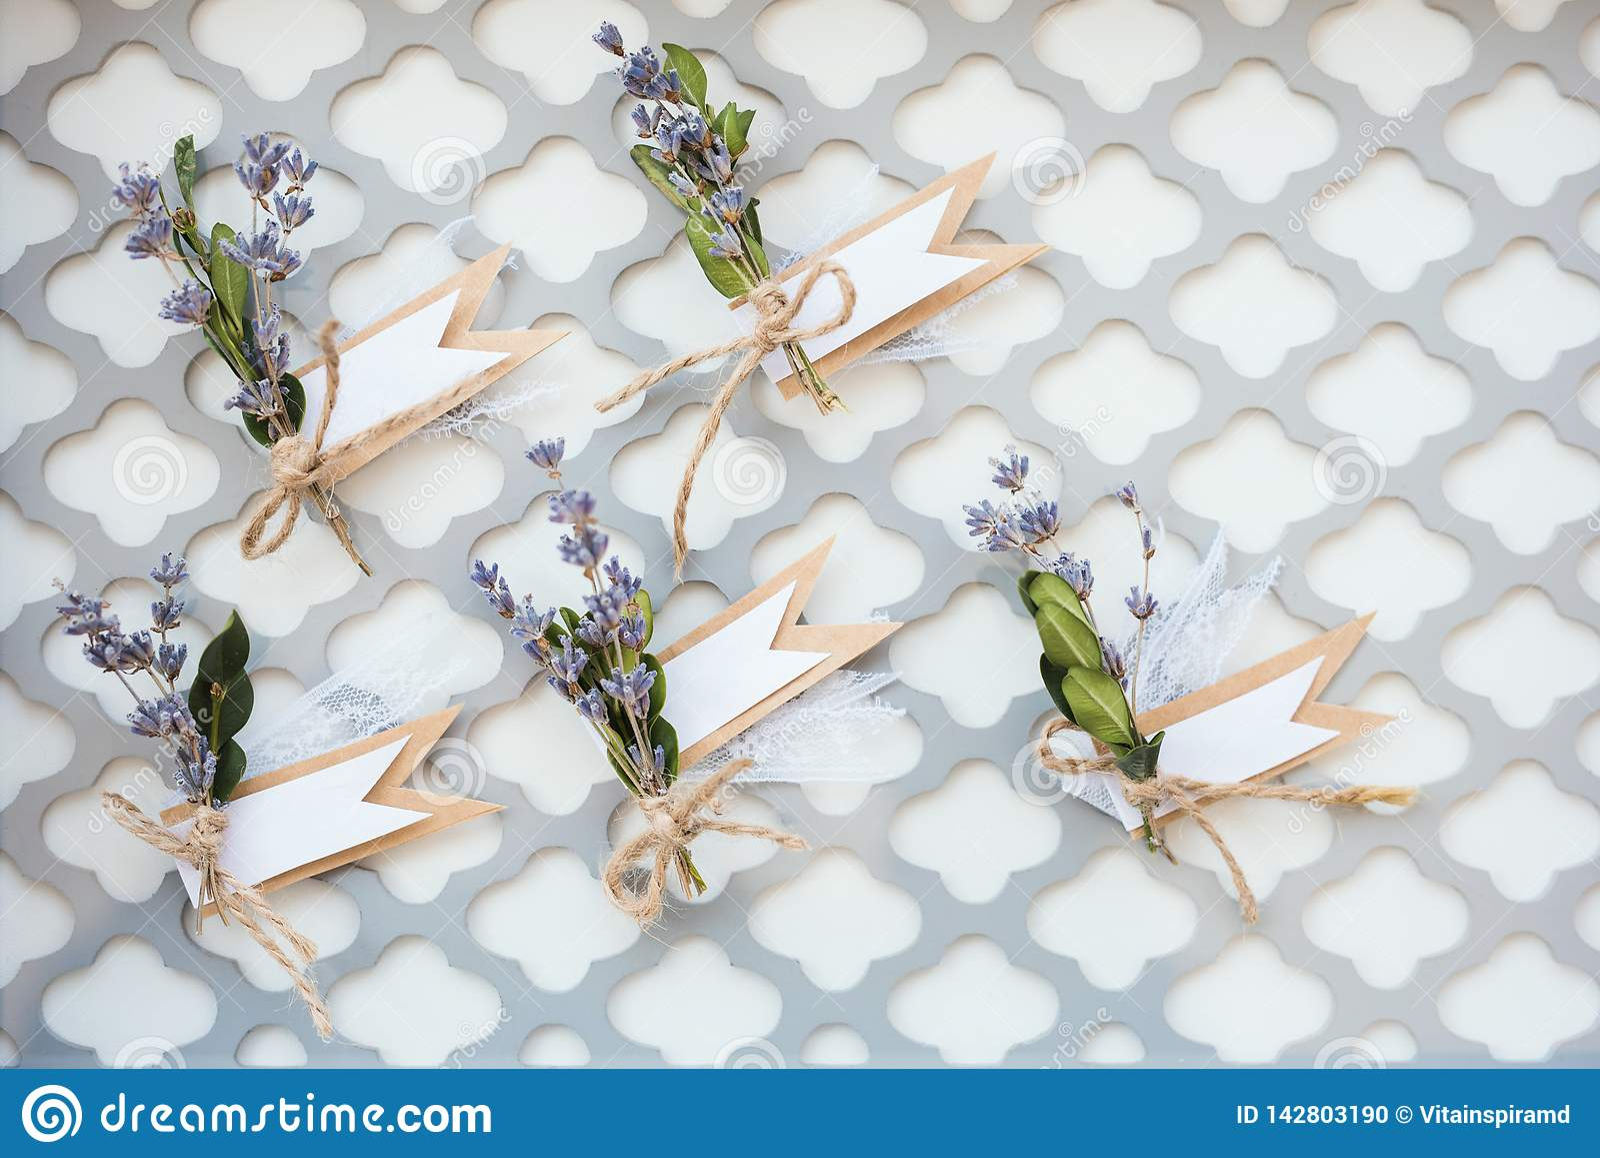 Bouquets avec des rubans loof par la grille en acier